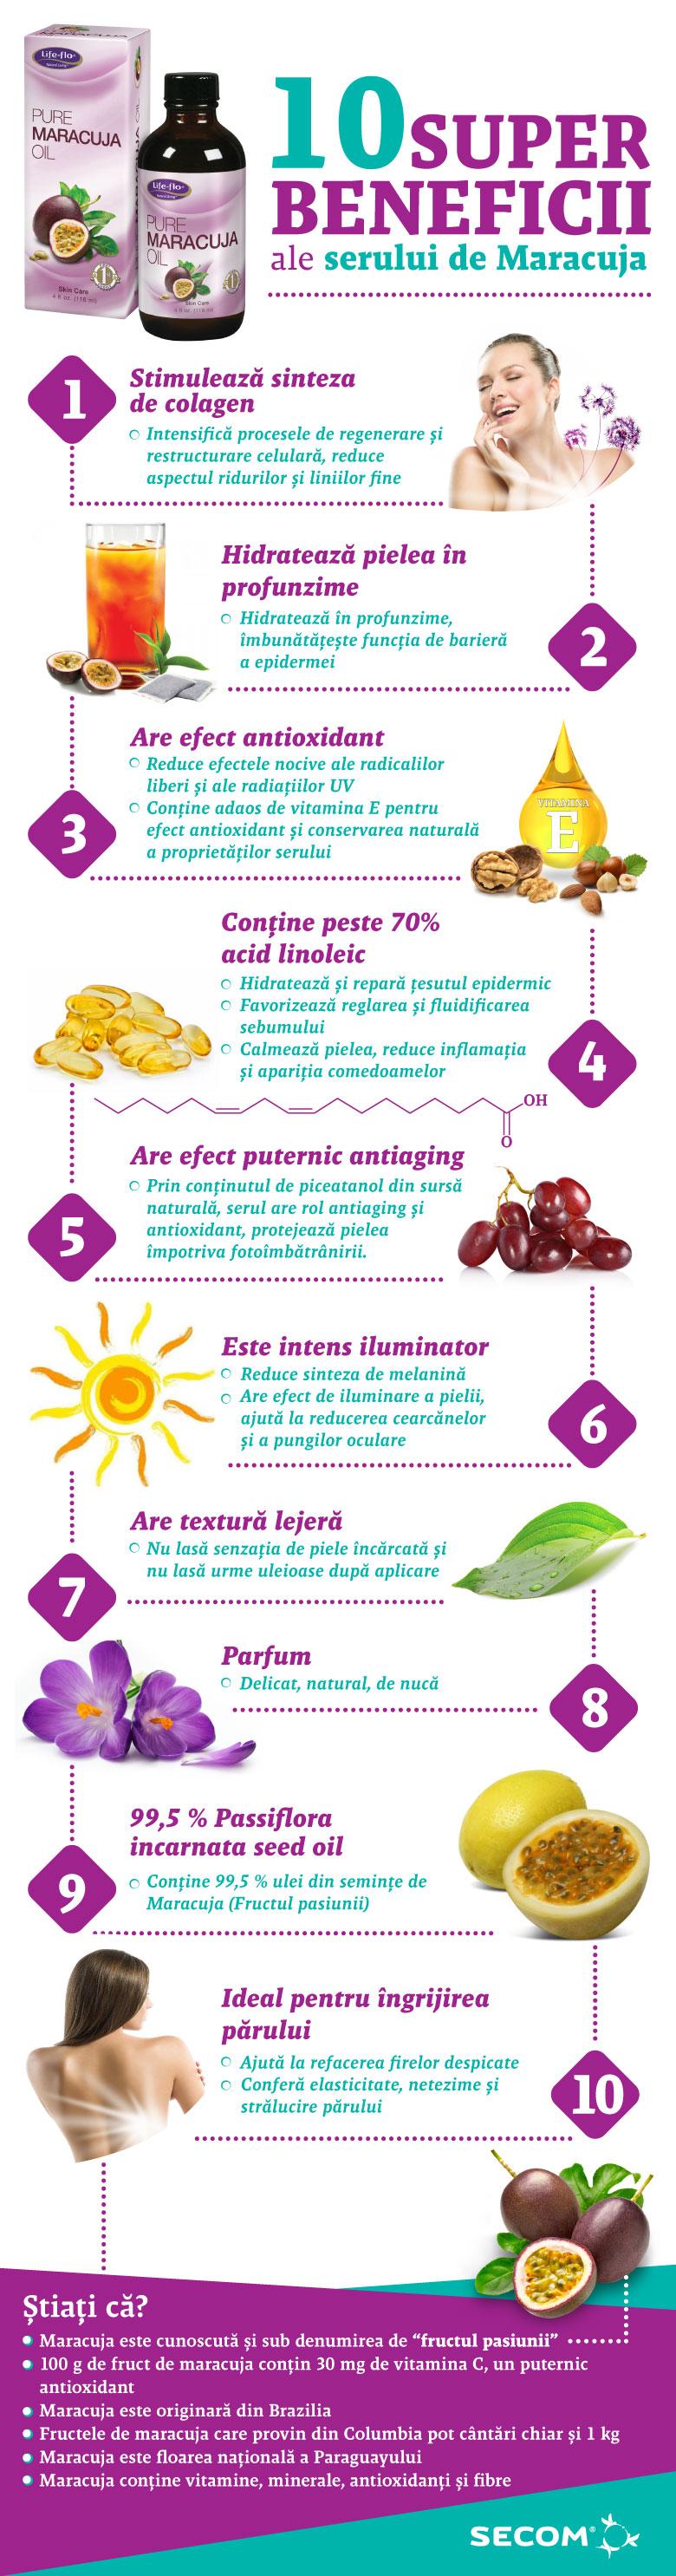 Beneficiile serului de Maracuja - Fructul pasiunii